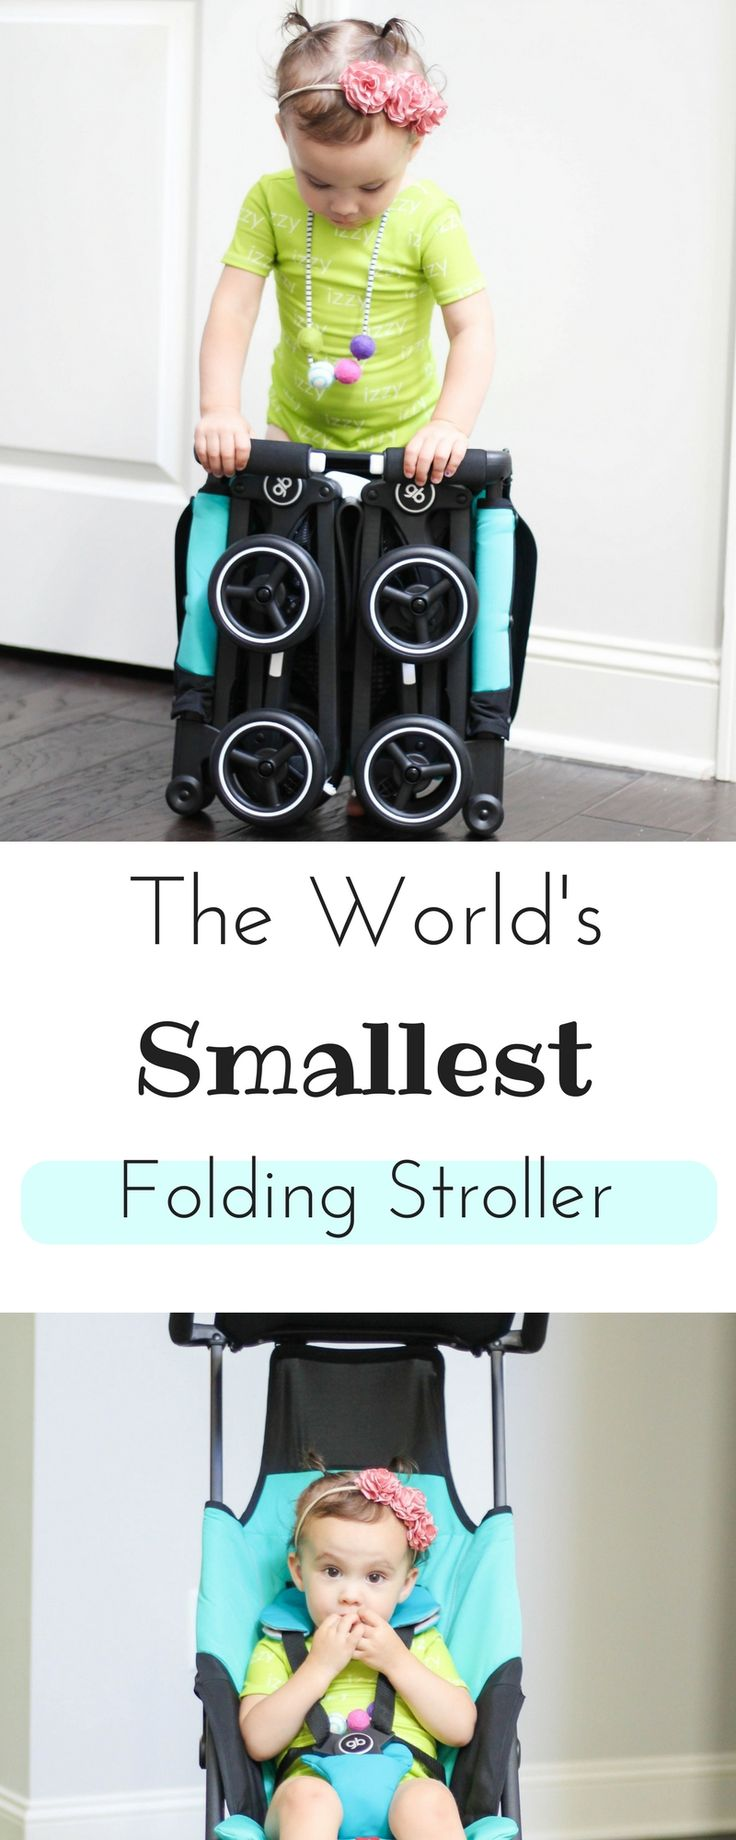 The world's smallest folding stroller   Umbrella Stroller   Toddler   baby   baby shower   Must haves for moms   New mom must have   Best stroller   Best travel stroller   busy little izzy blog #partner